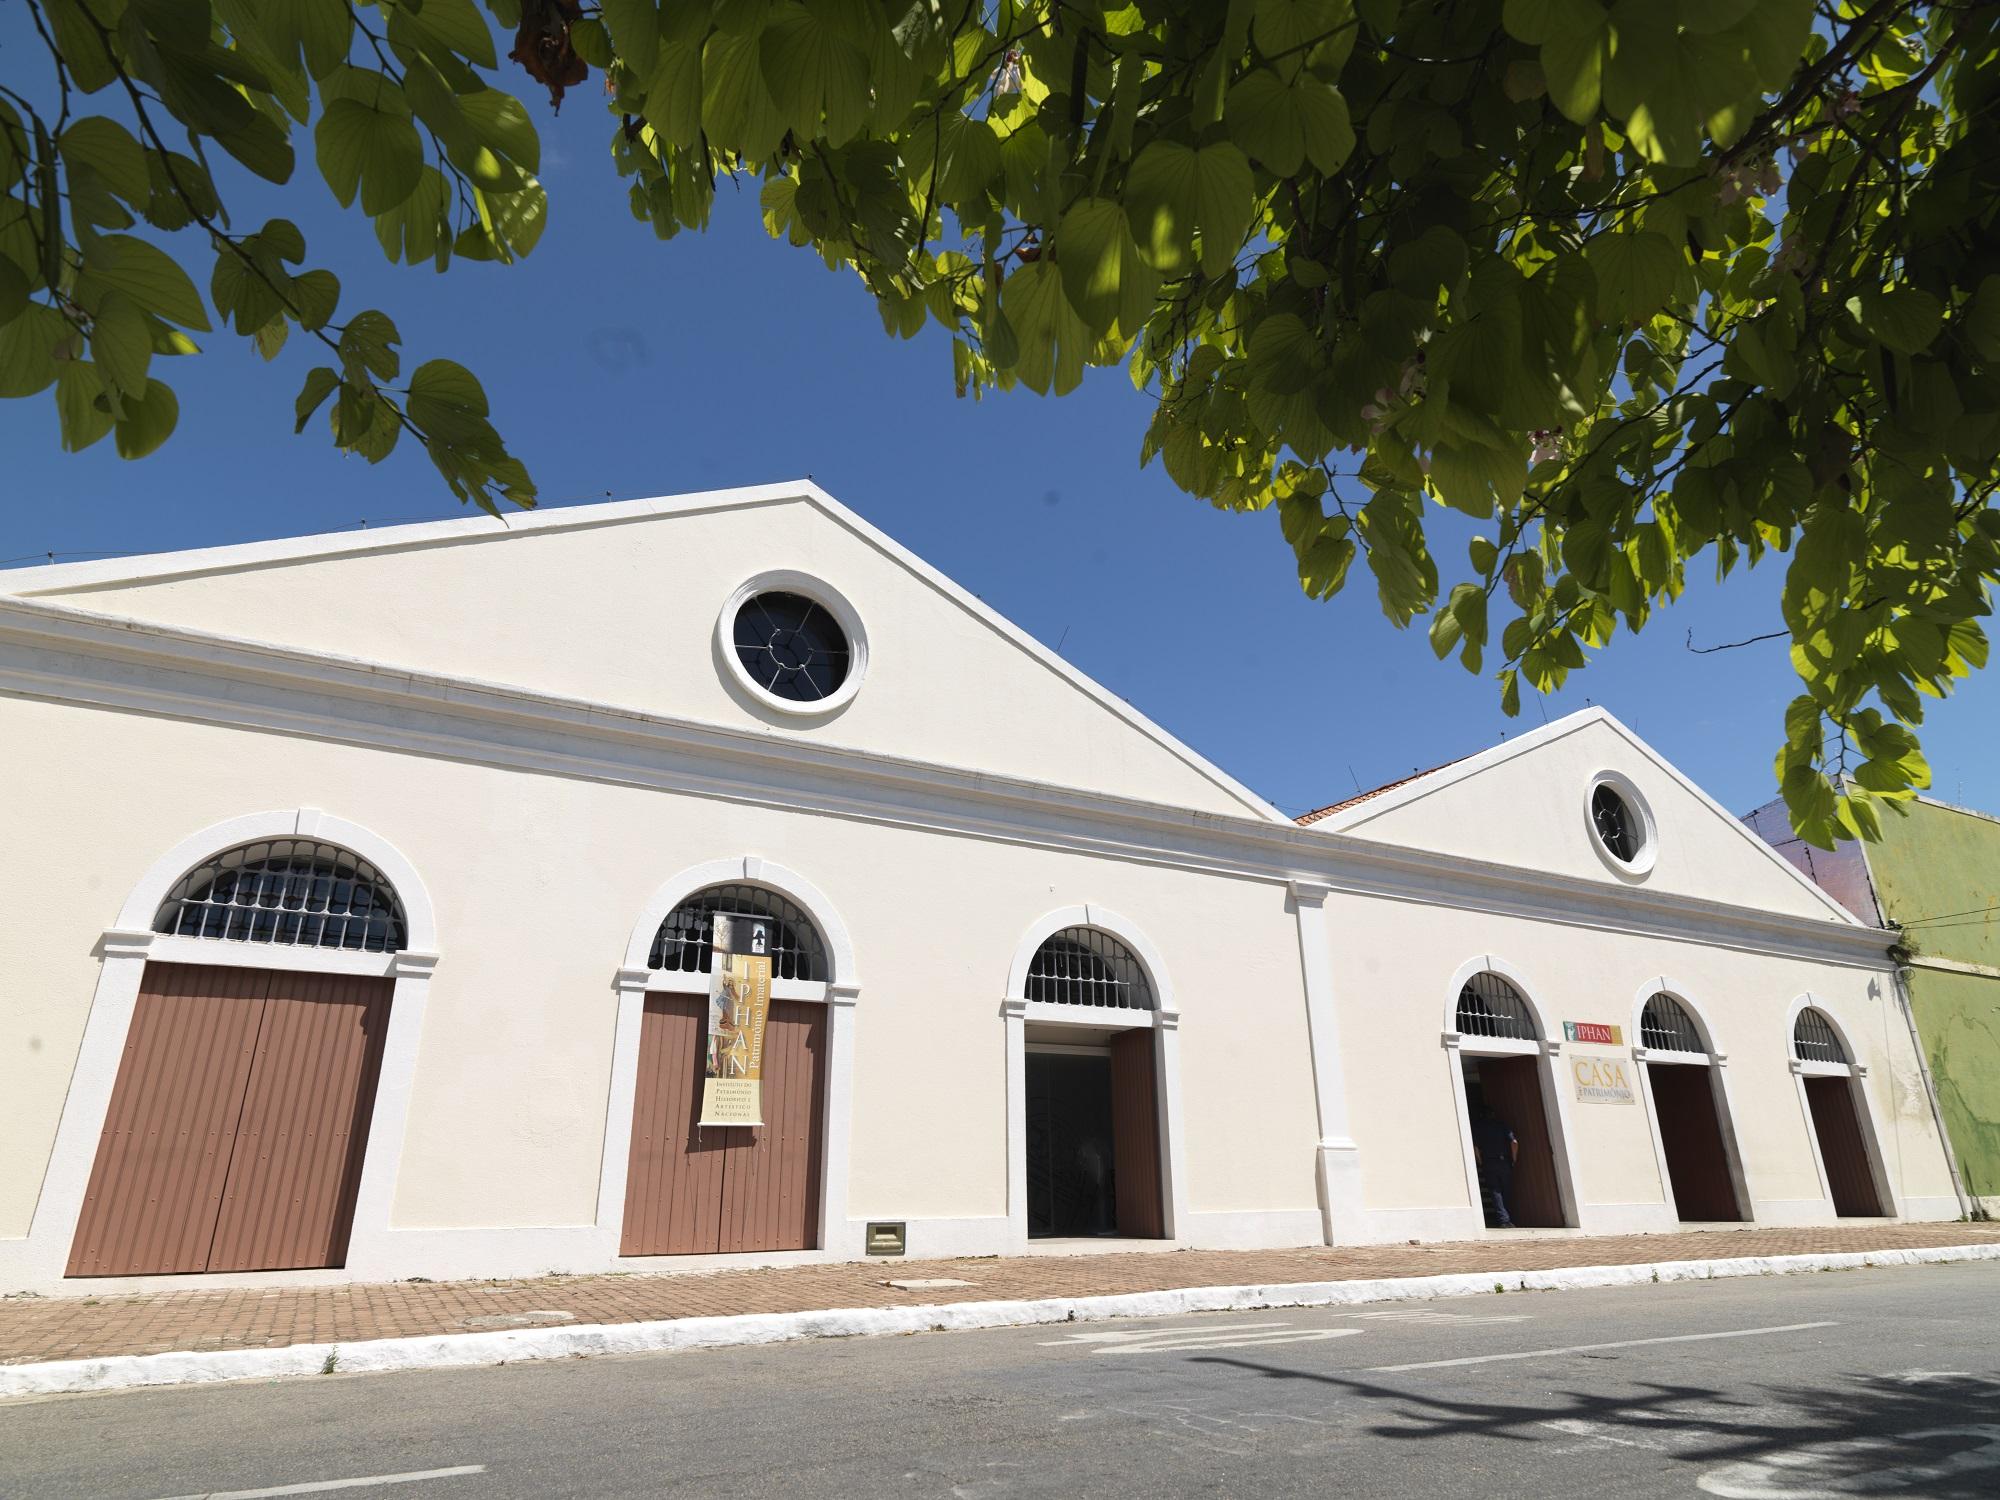 Fachada da Casa do Patrimônio IPHAN Alagoas, no bairro de Jaraguá Maceió